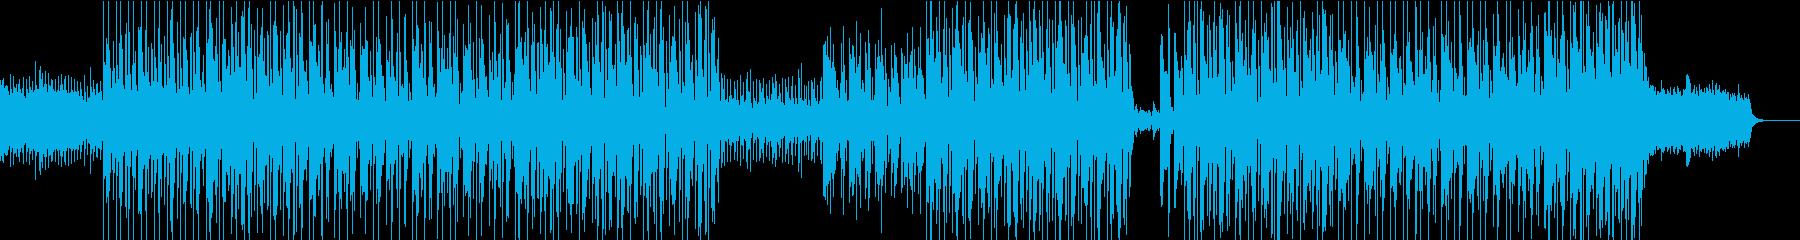 ポップなレゲエクリスマスBGMの再生済みの波形